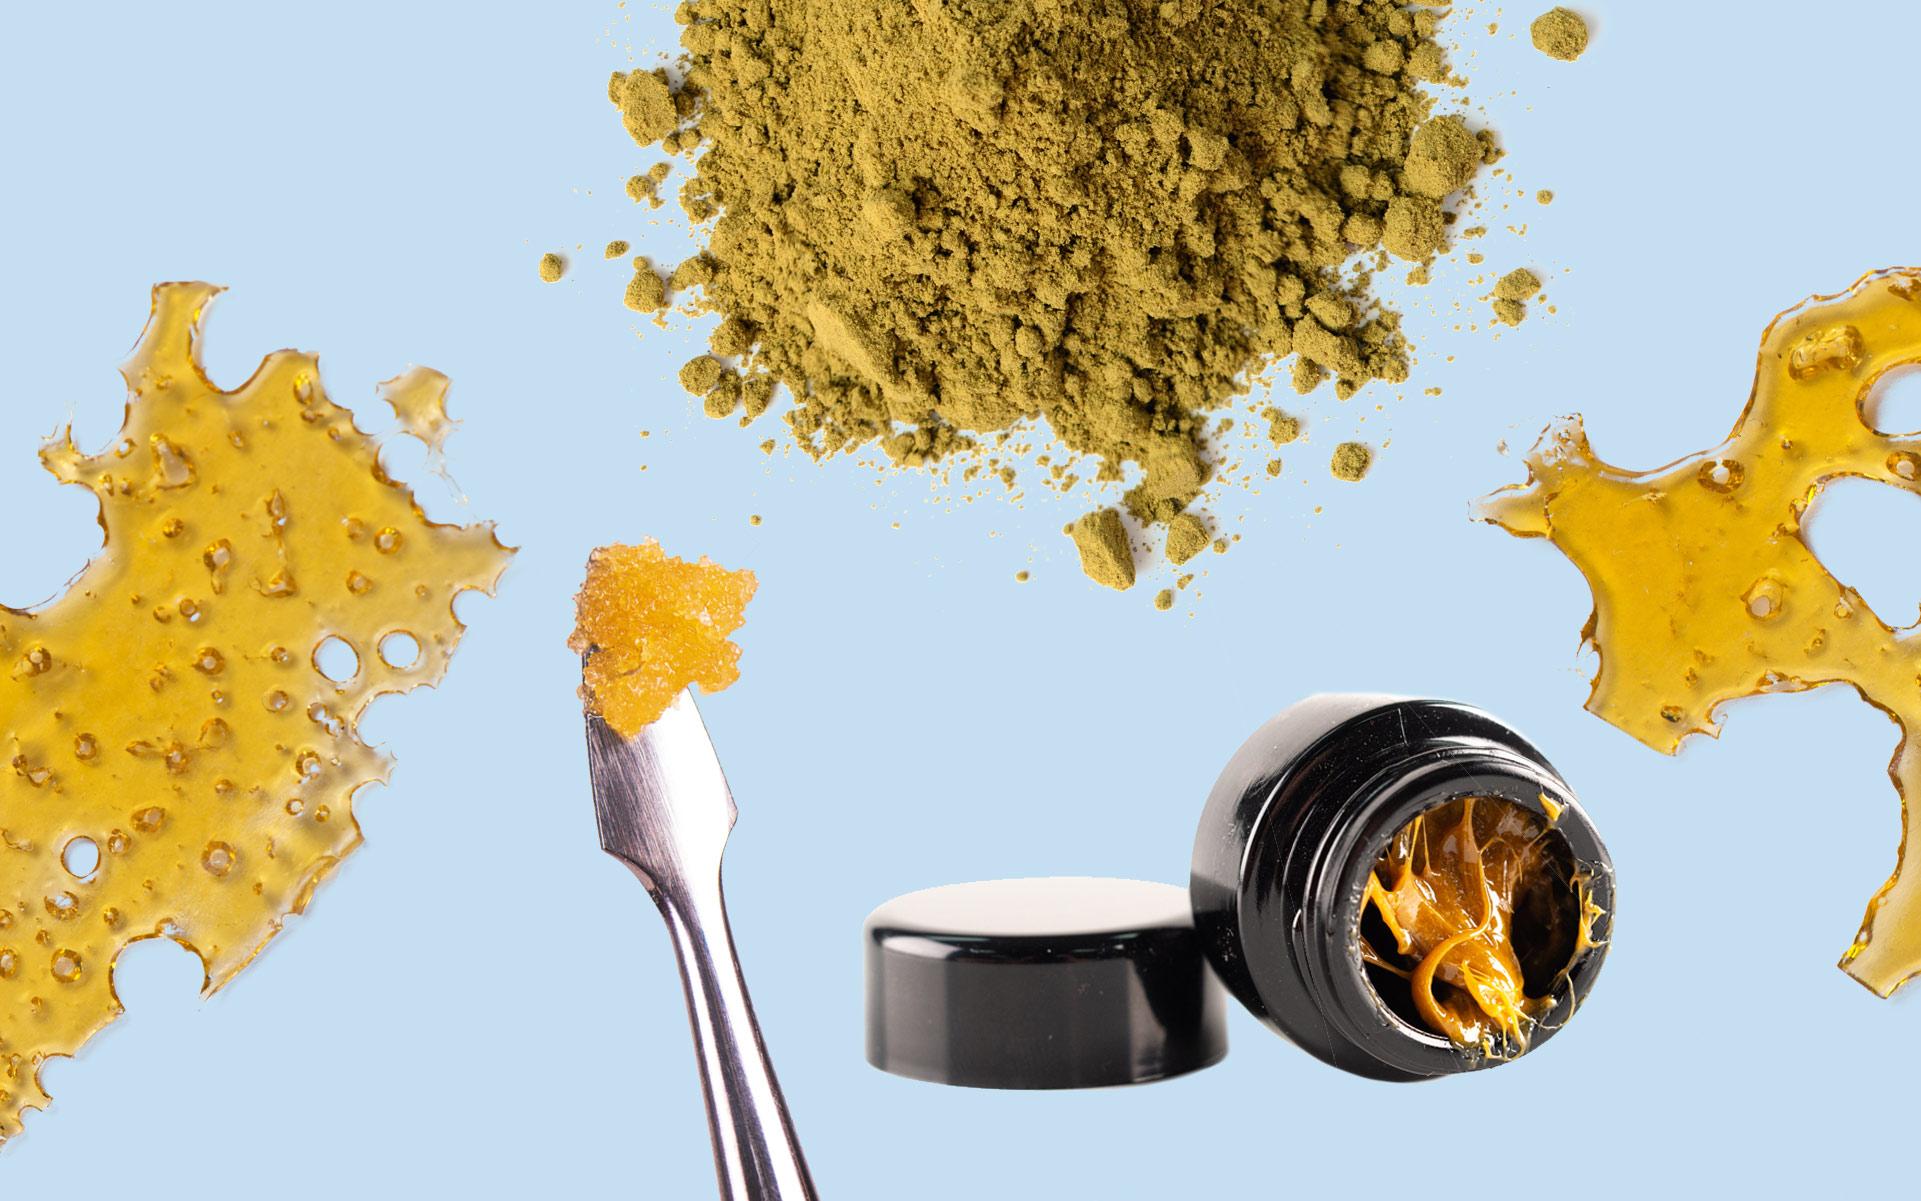 cannabis concentrates canada